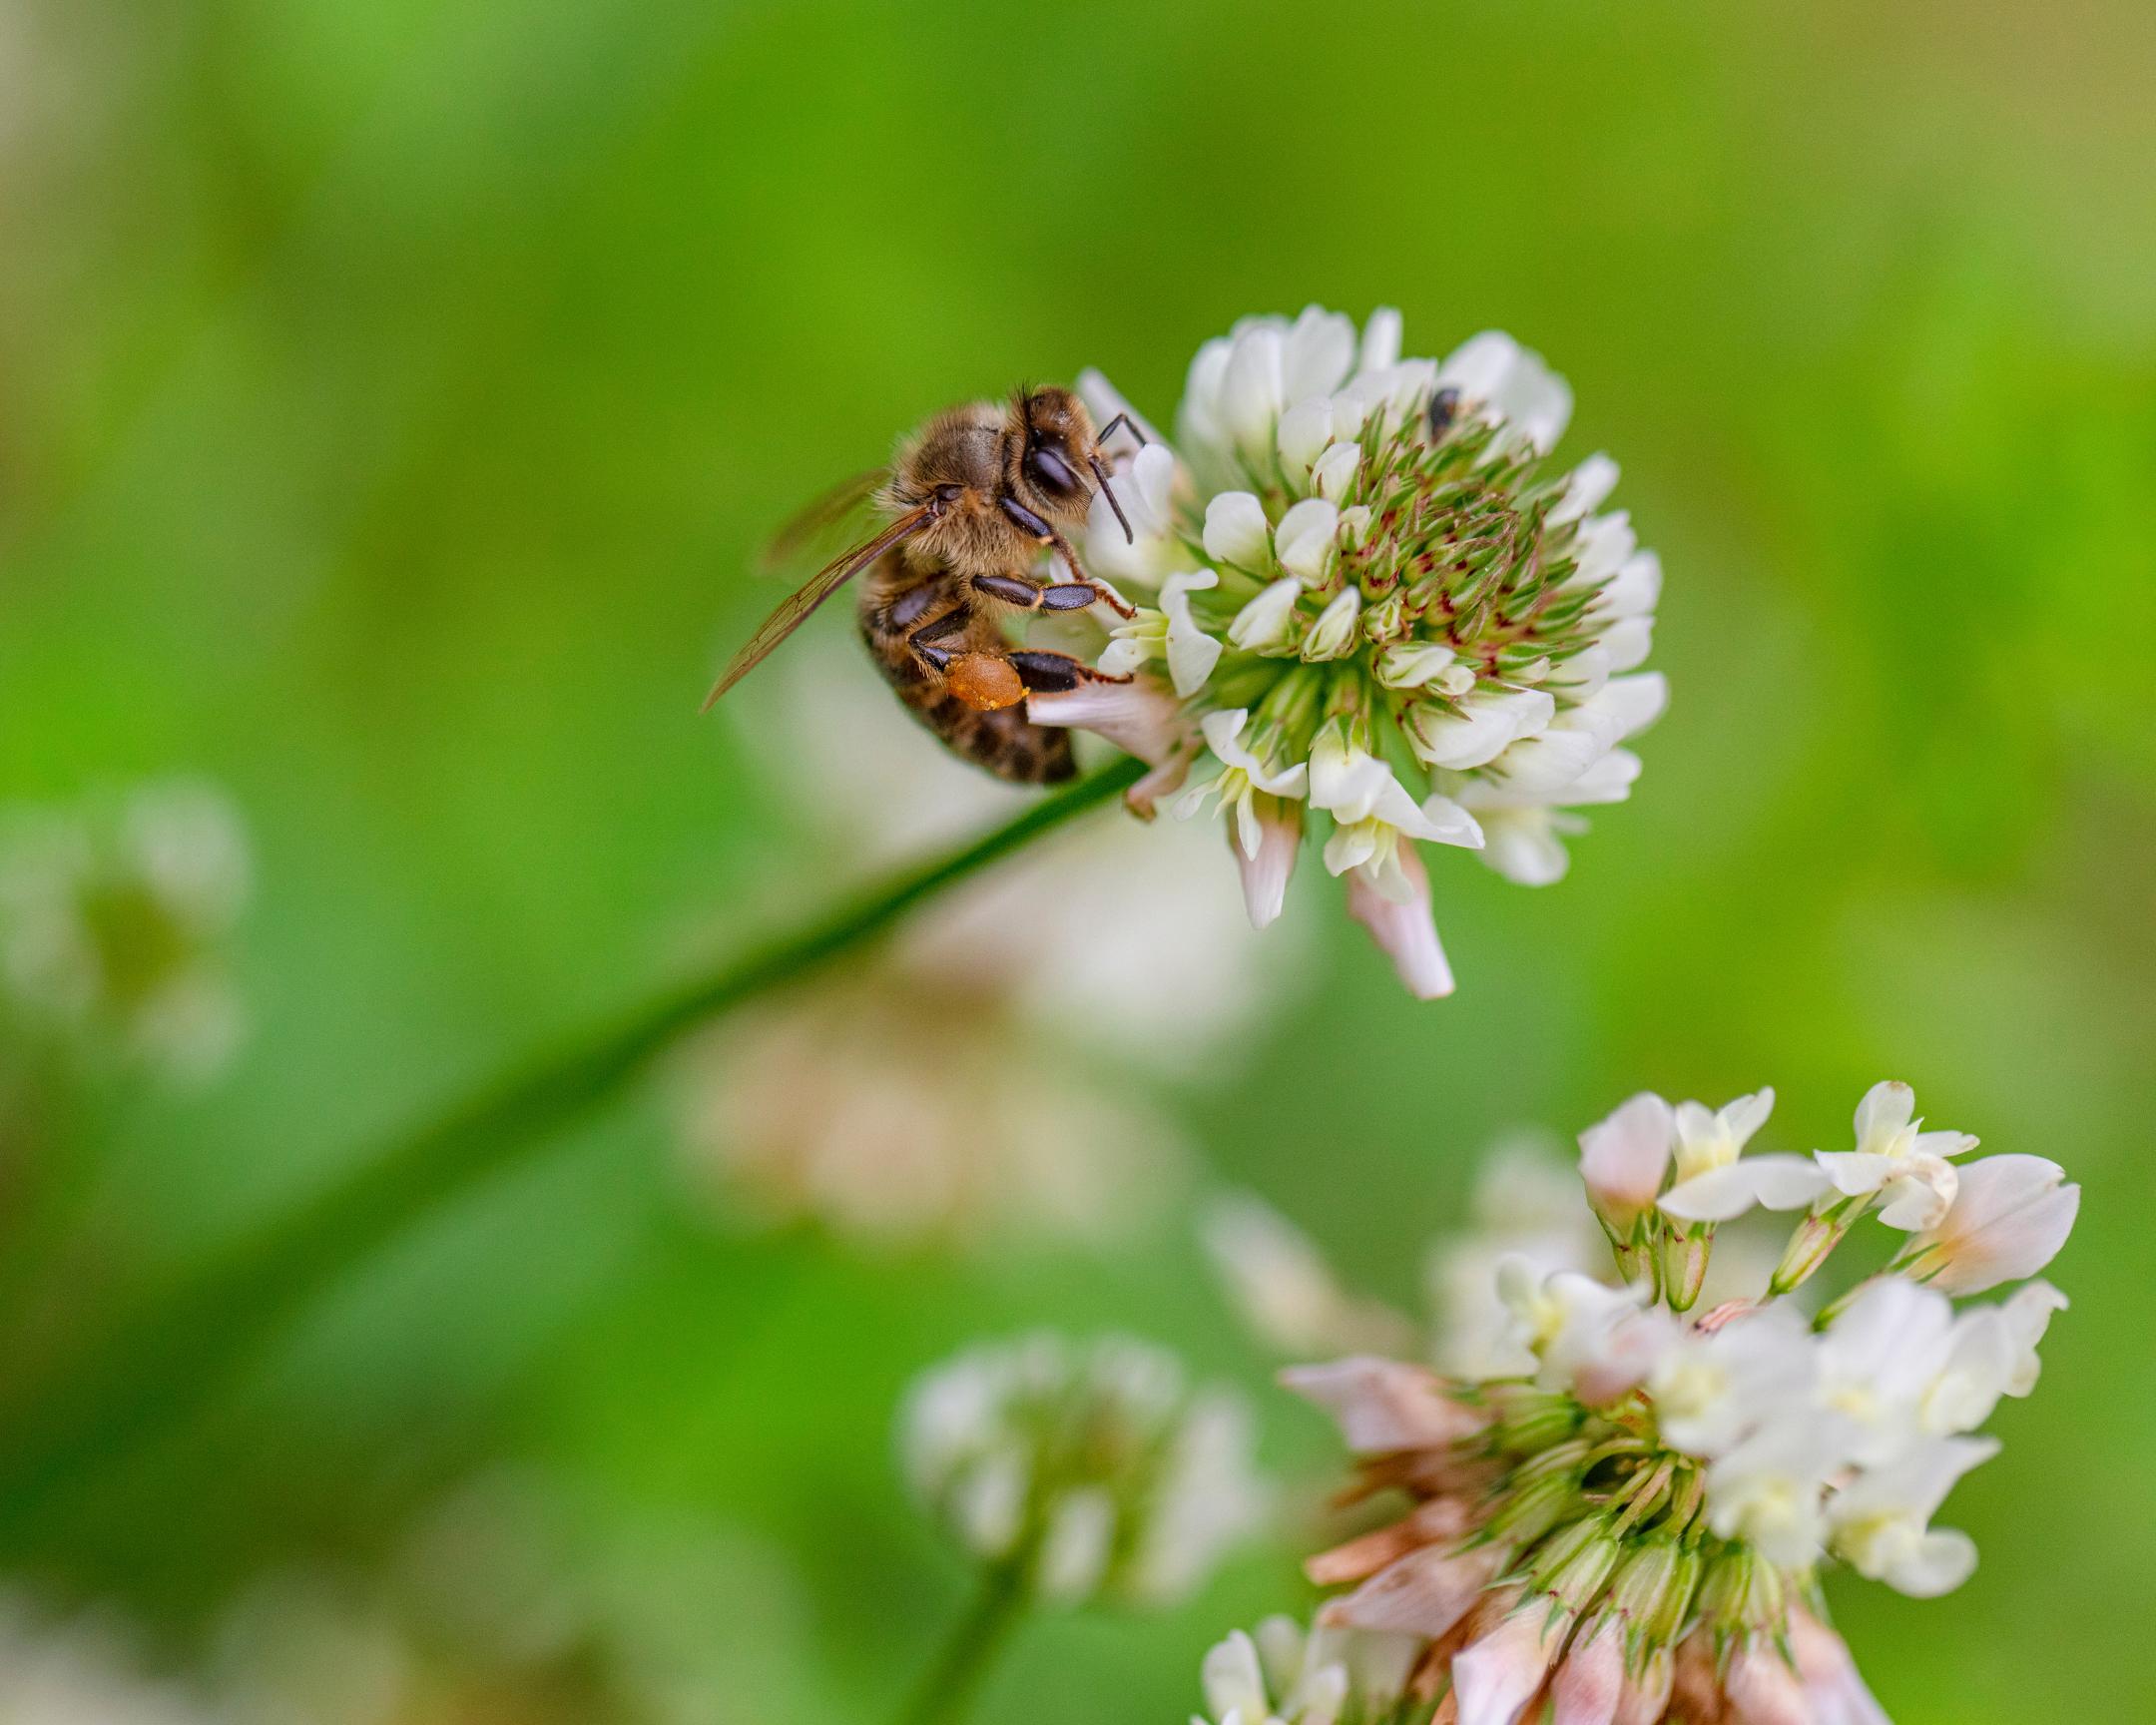 Honeybee Pollinating Clover